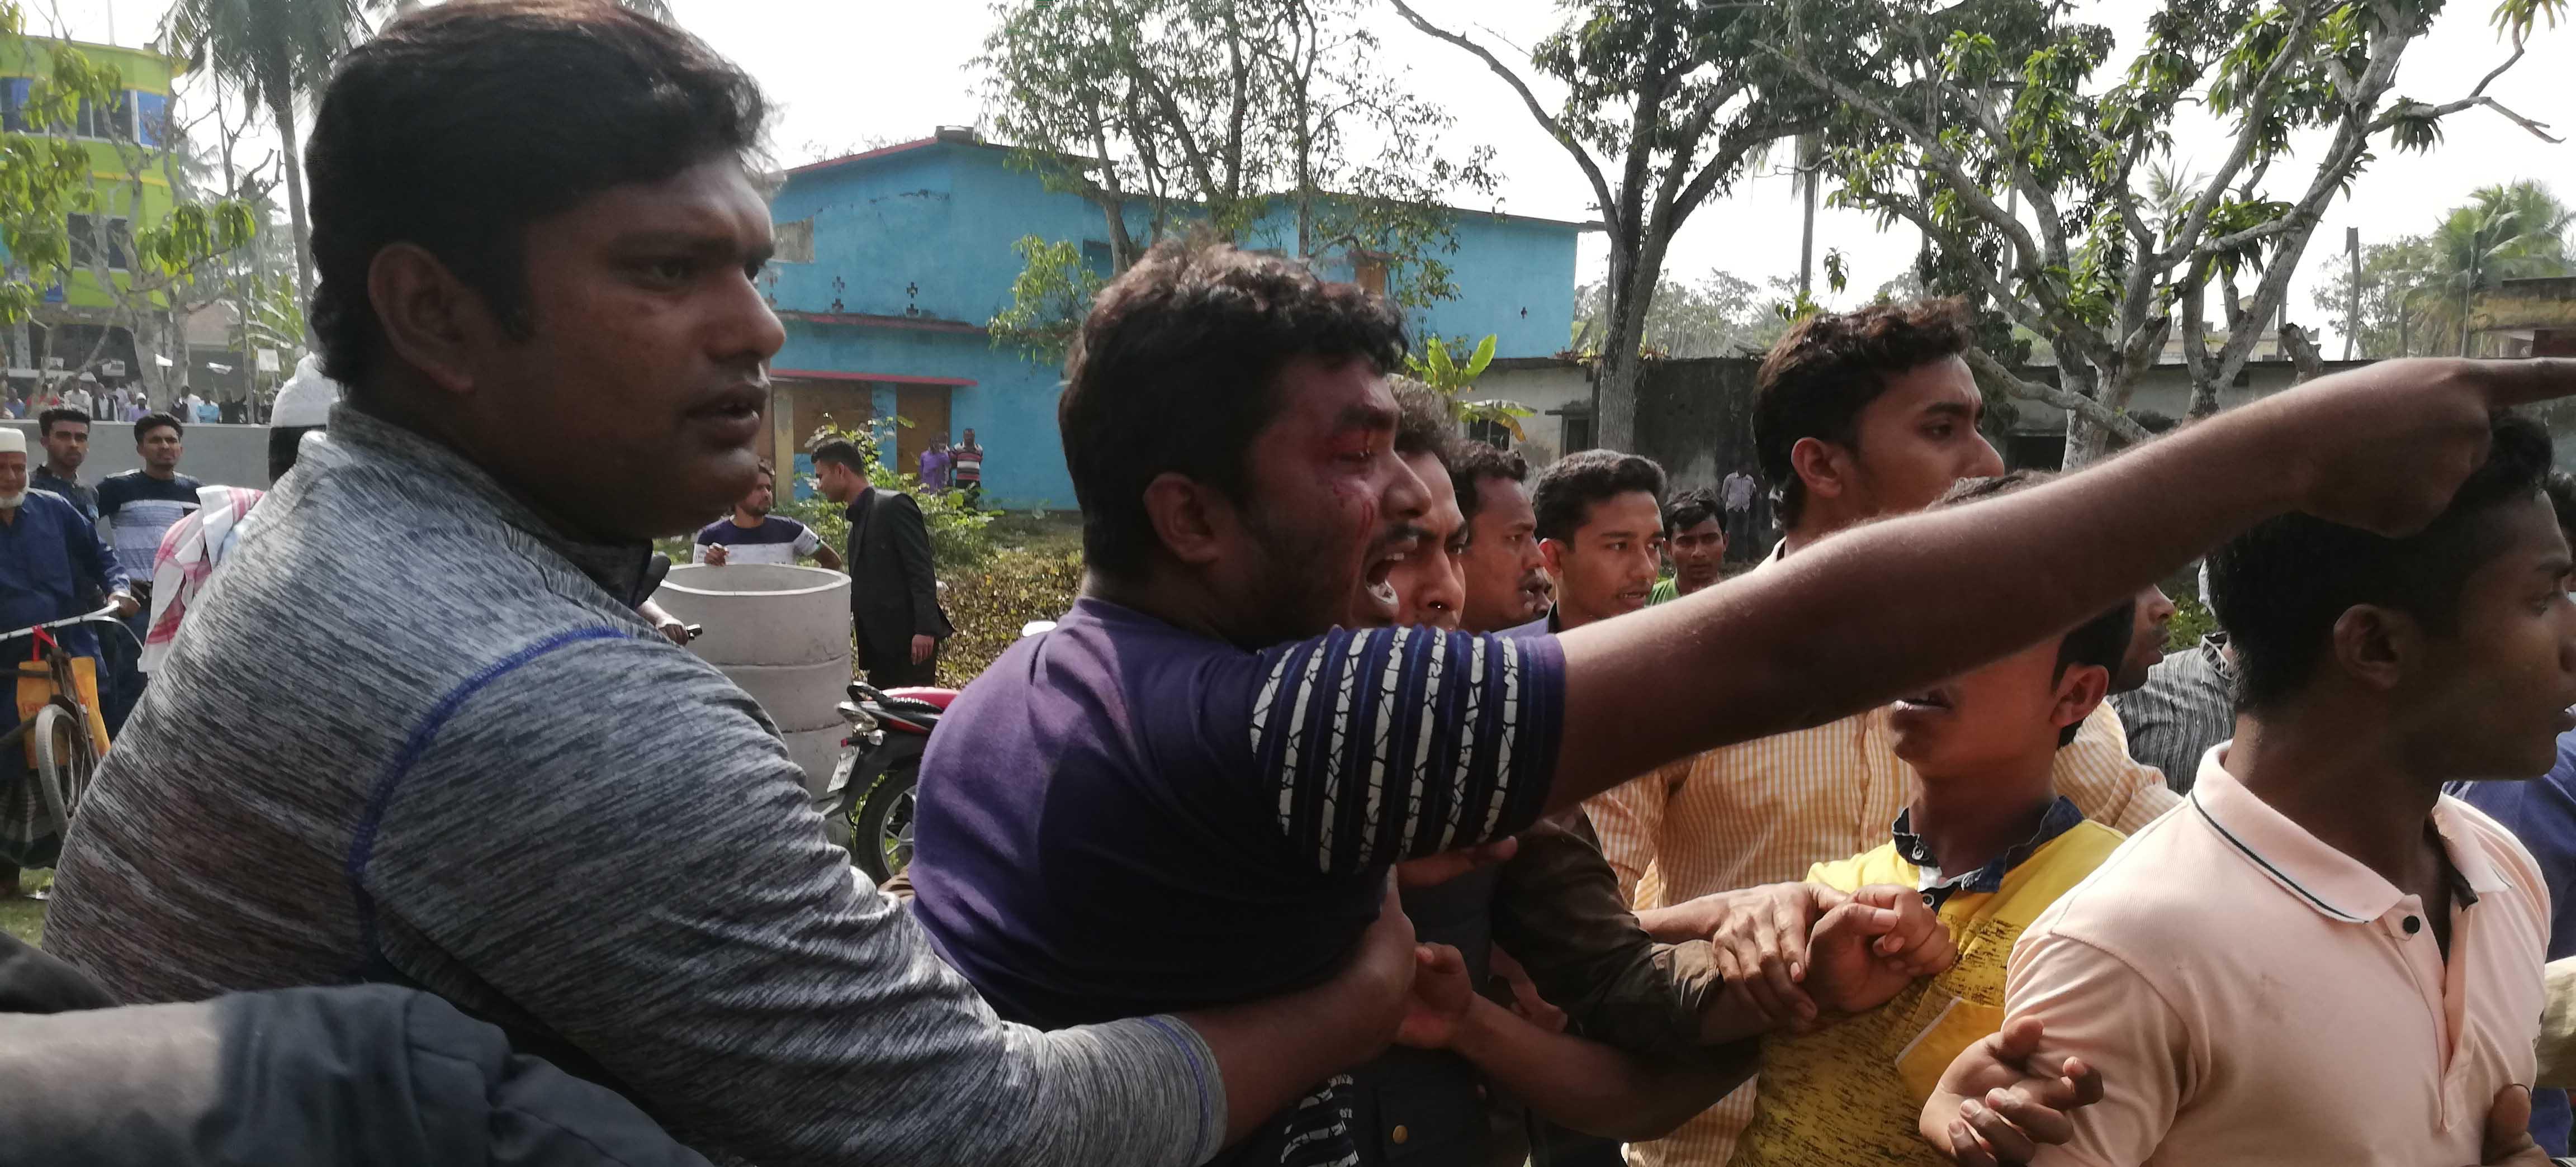 তালায় প্রার্থী বাছাইয়ের দ্বিতীয় দিনেও সংঘর্ষ: কাউন্সিলর ভোট স্থাগিত